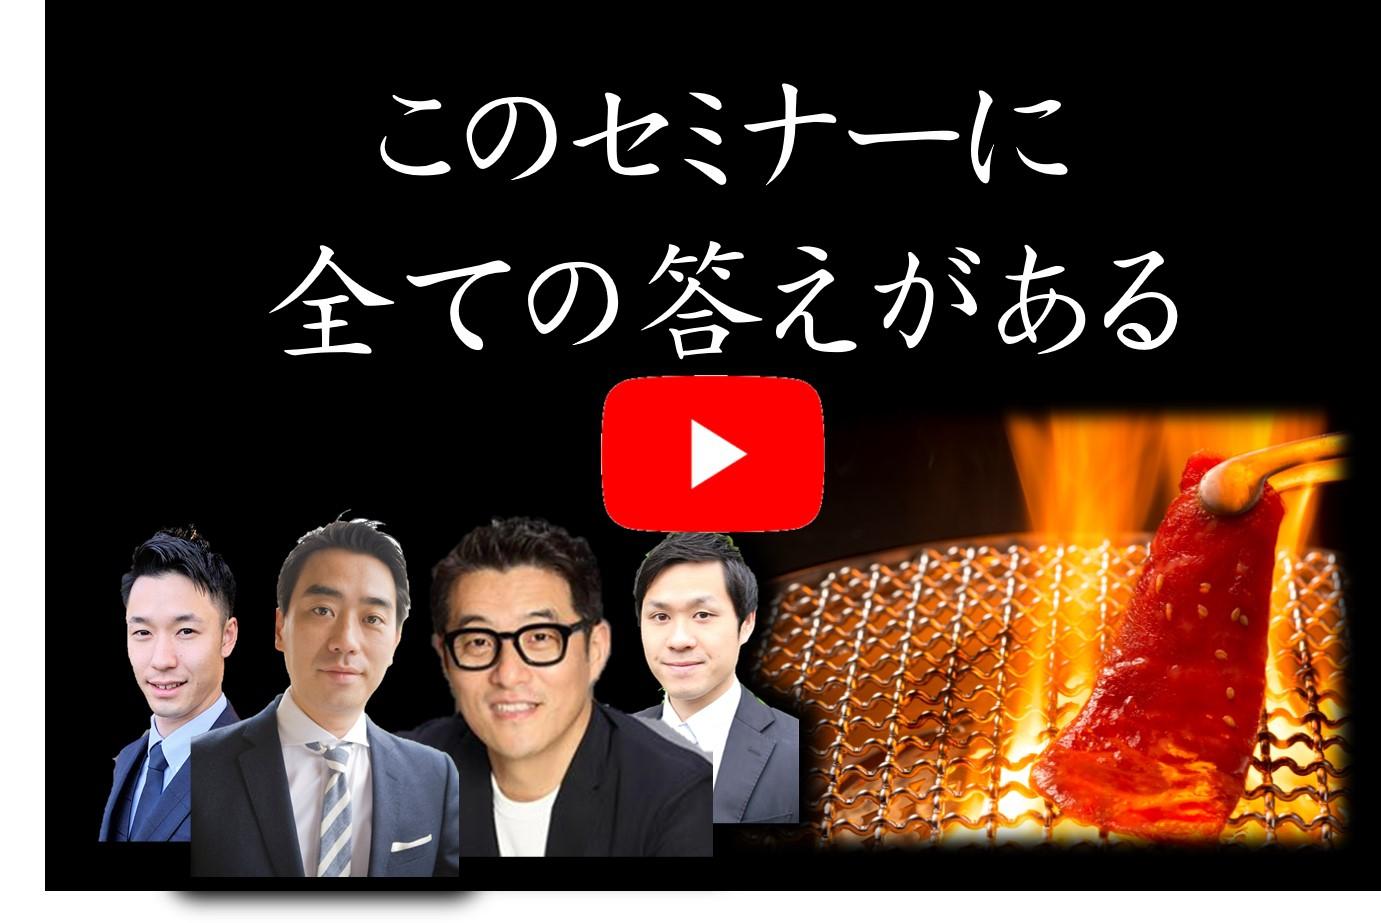 ★セミナー紹介のショートムービー(youtube)